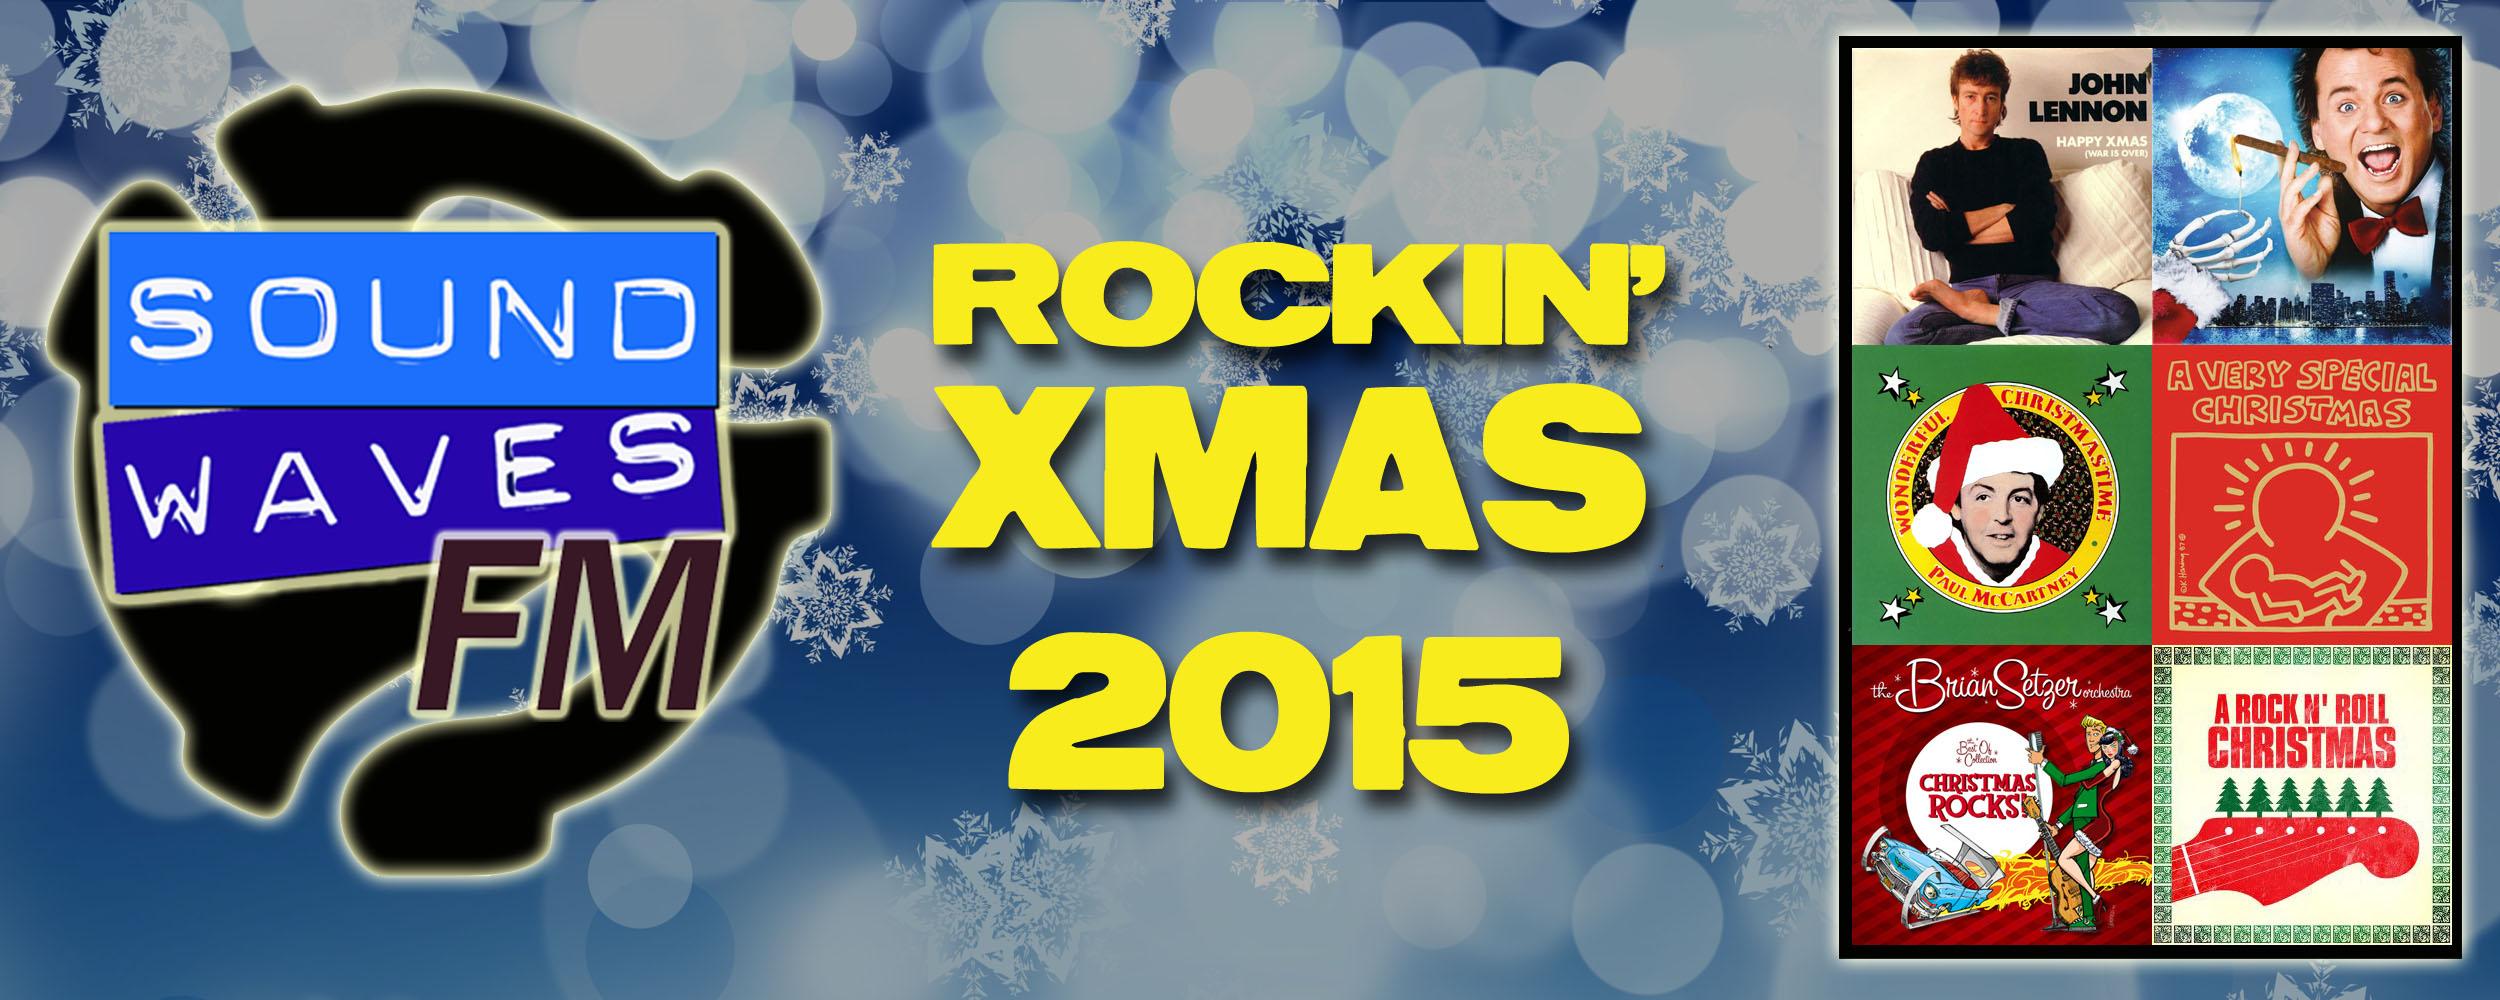 Soundwaves FM #14: Rockin' Xmas 2015